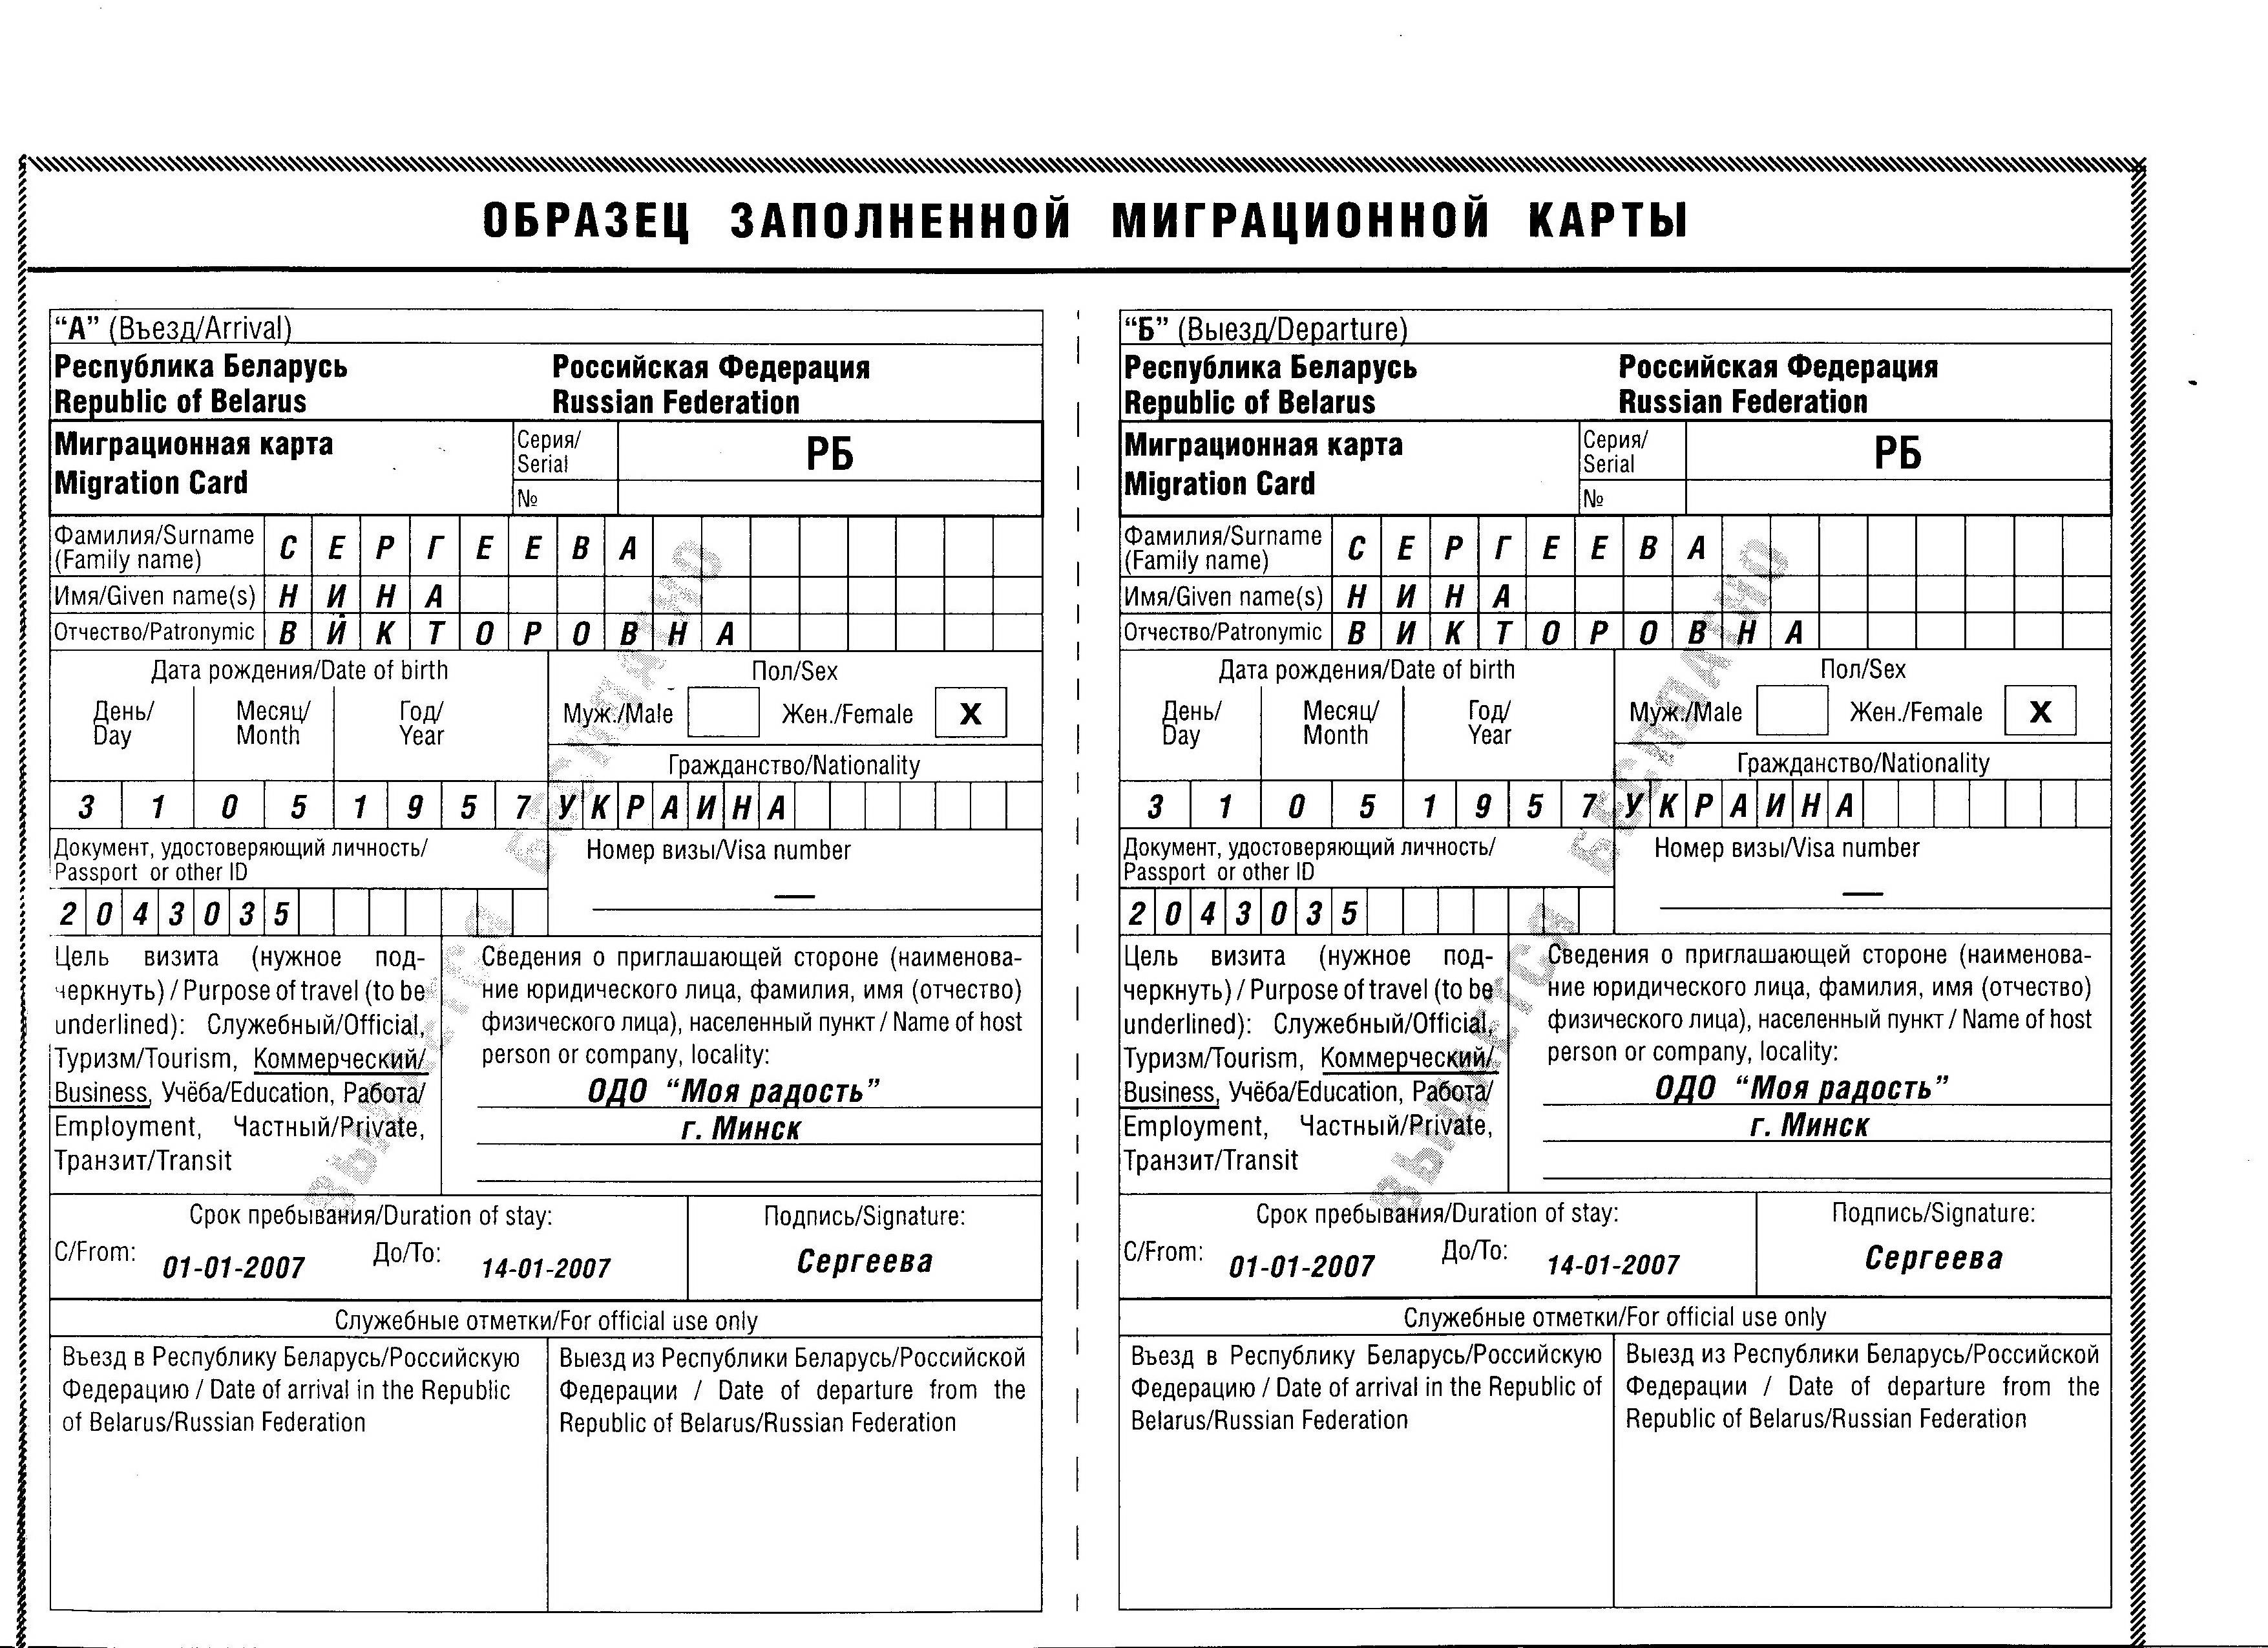 Временная регистрация для иностранного гражданина